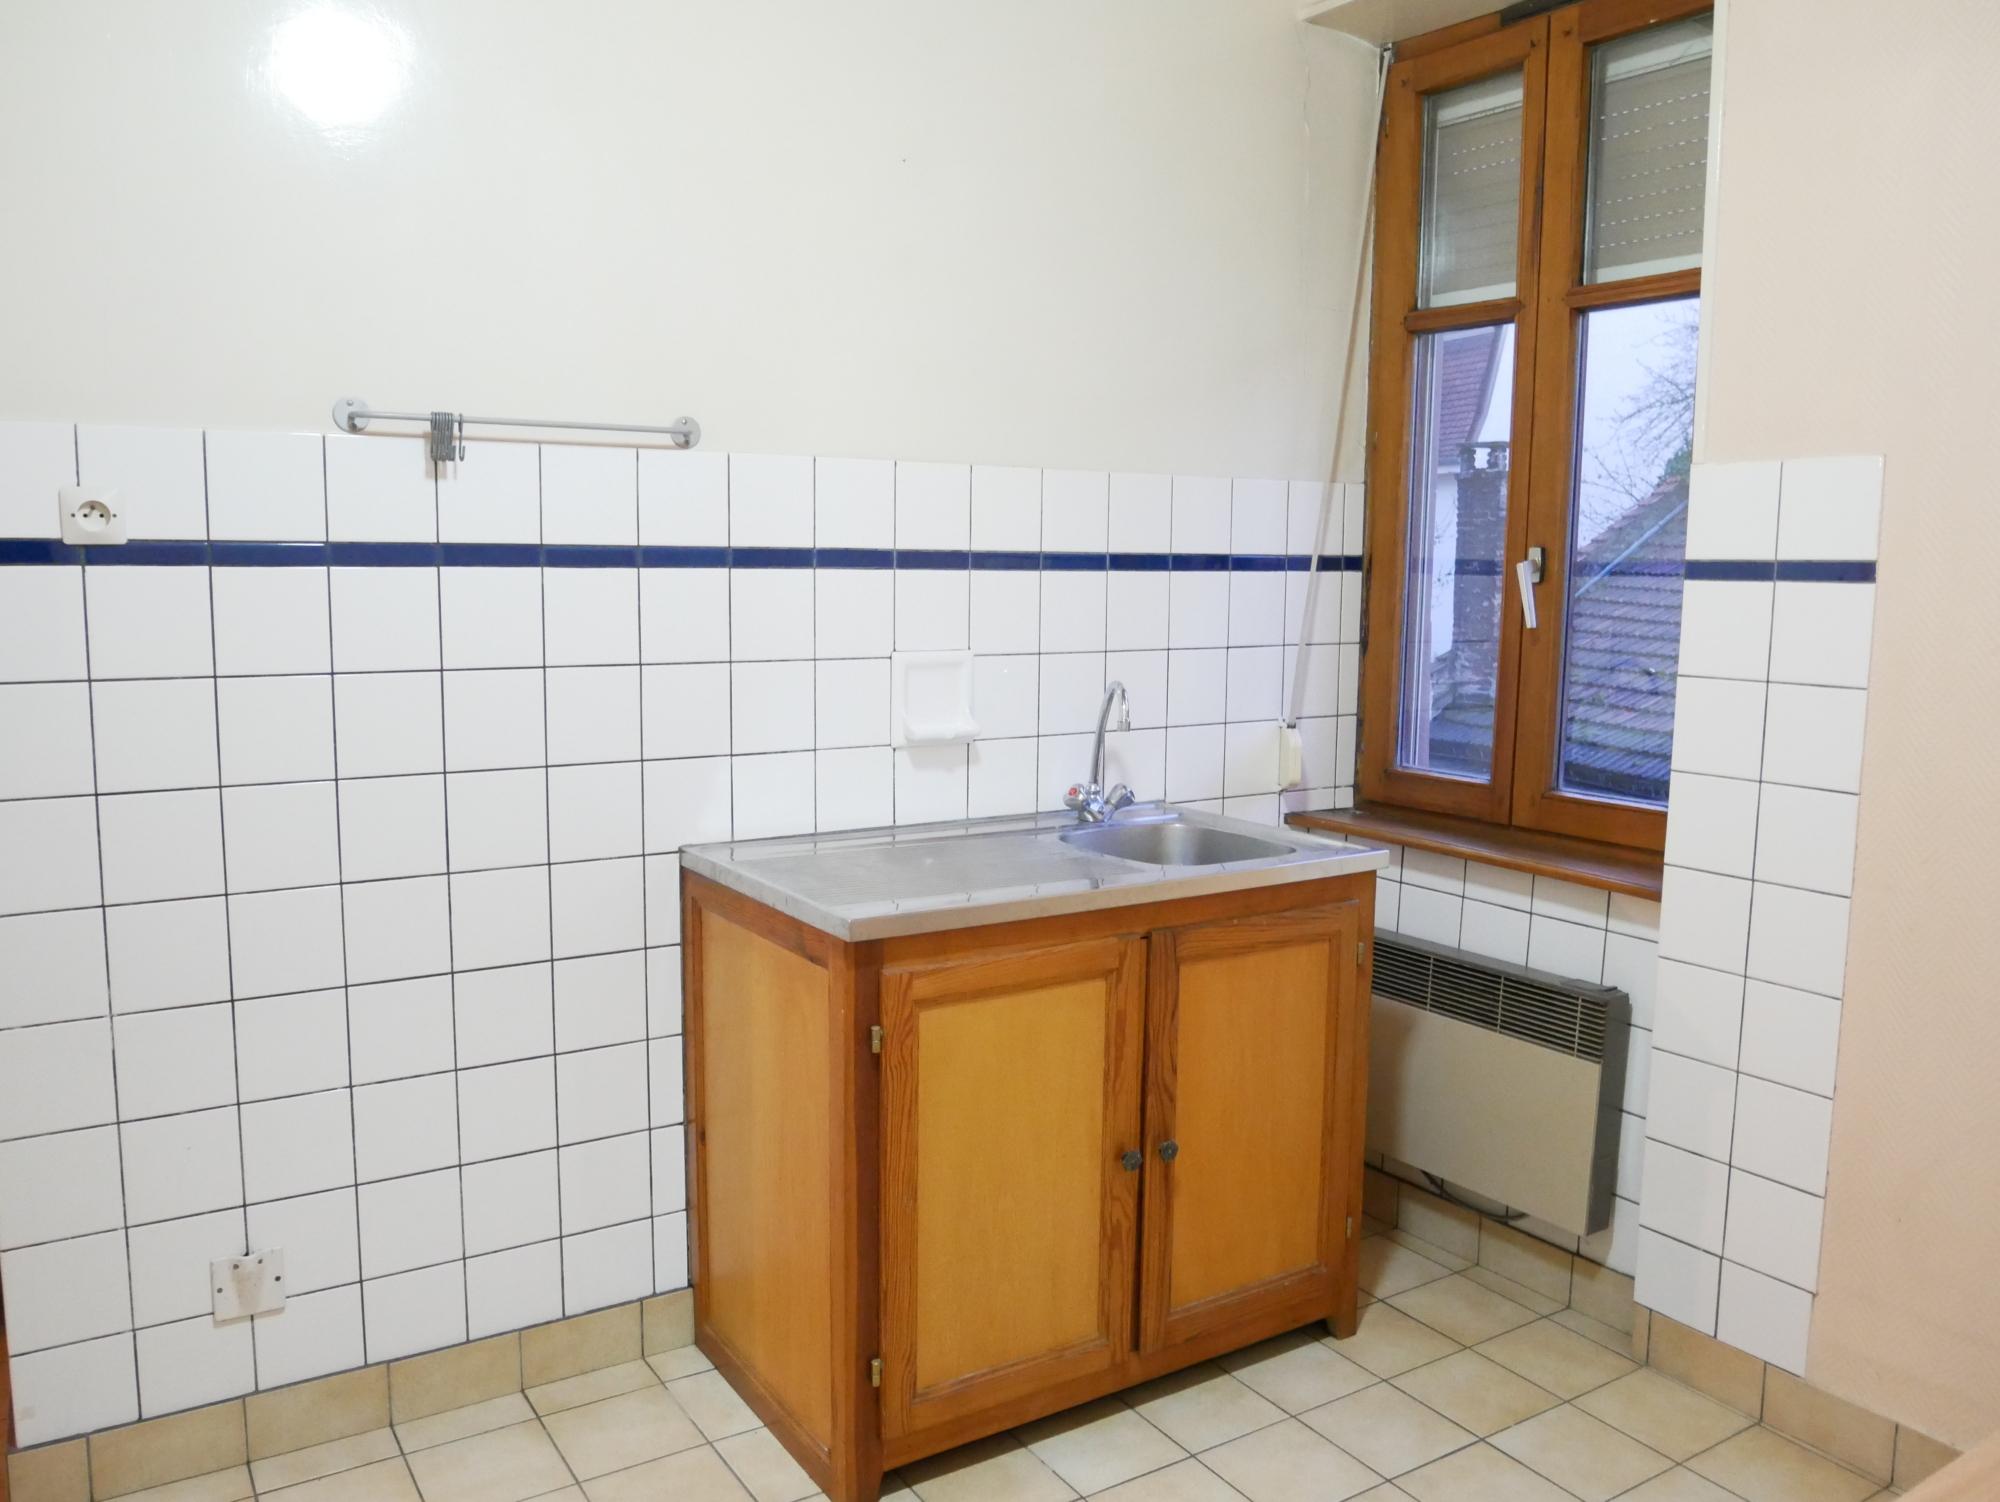 Spacieux 1 pièce - Neudorf / Rue de Benfeld - nos locations - Beausite Immobilier 3